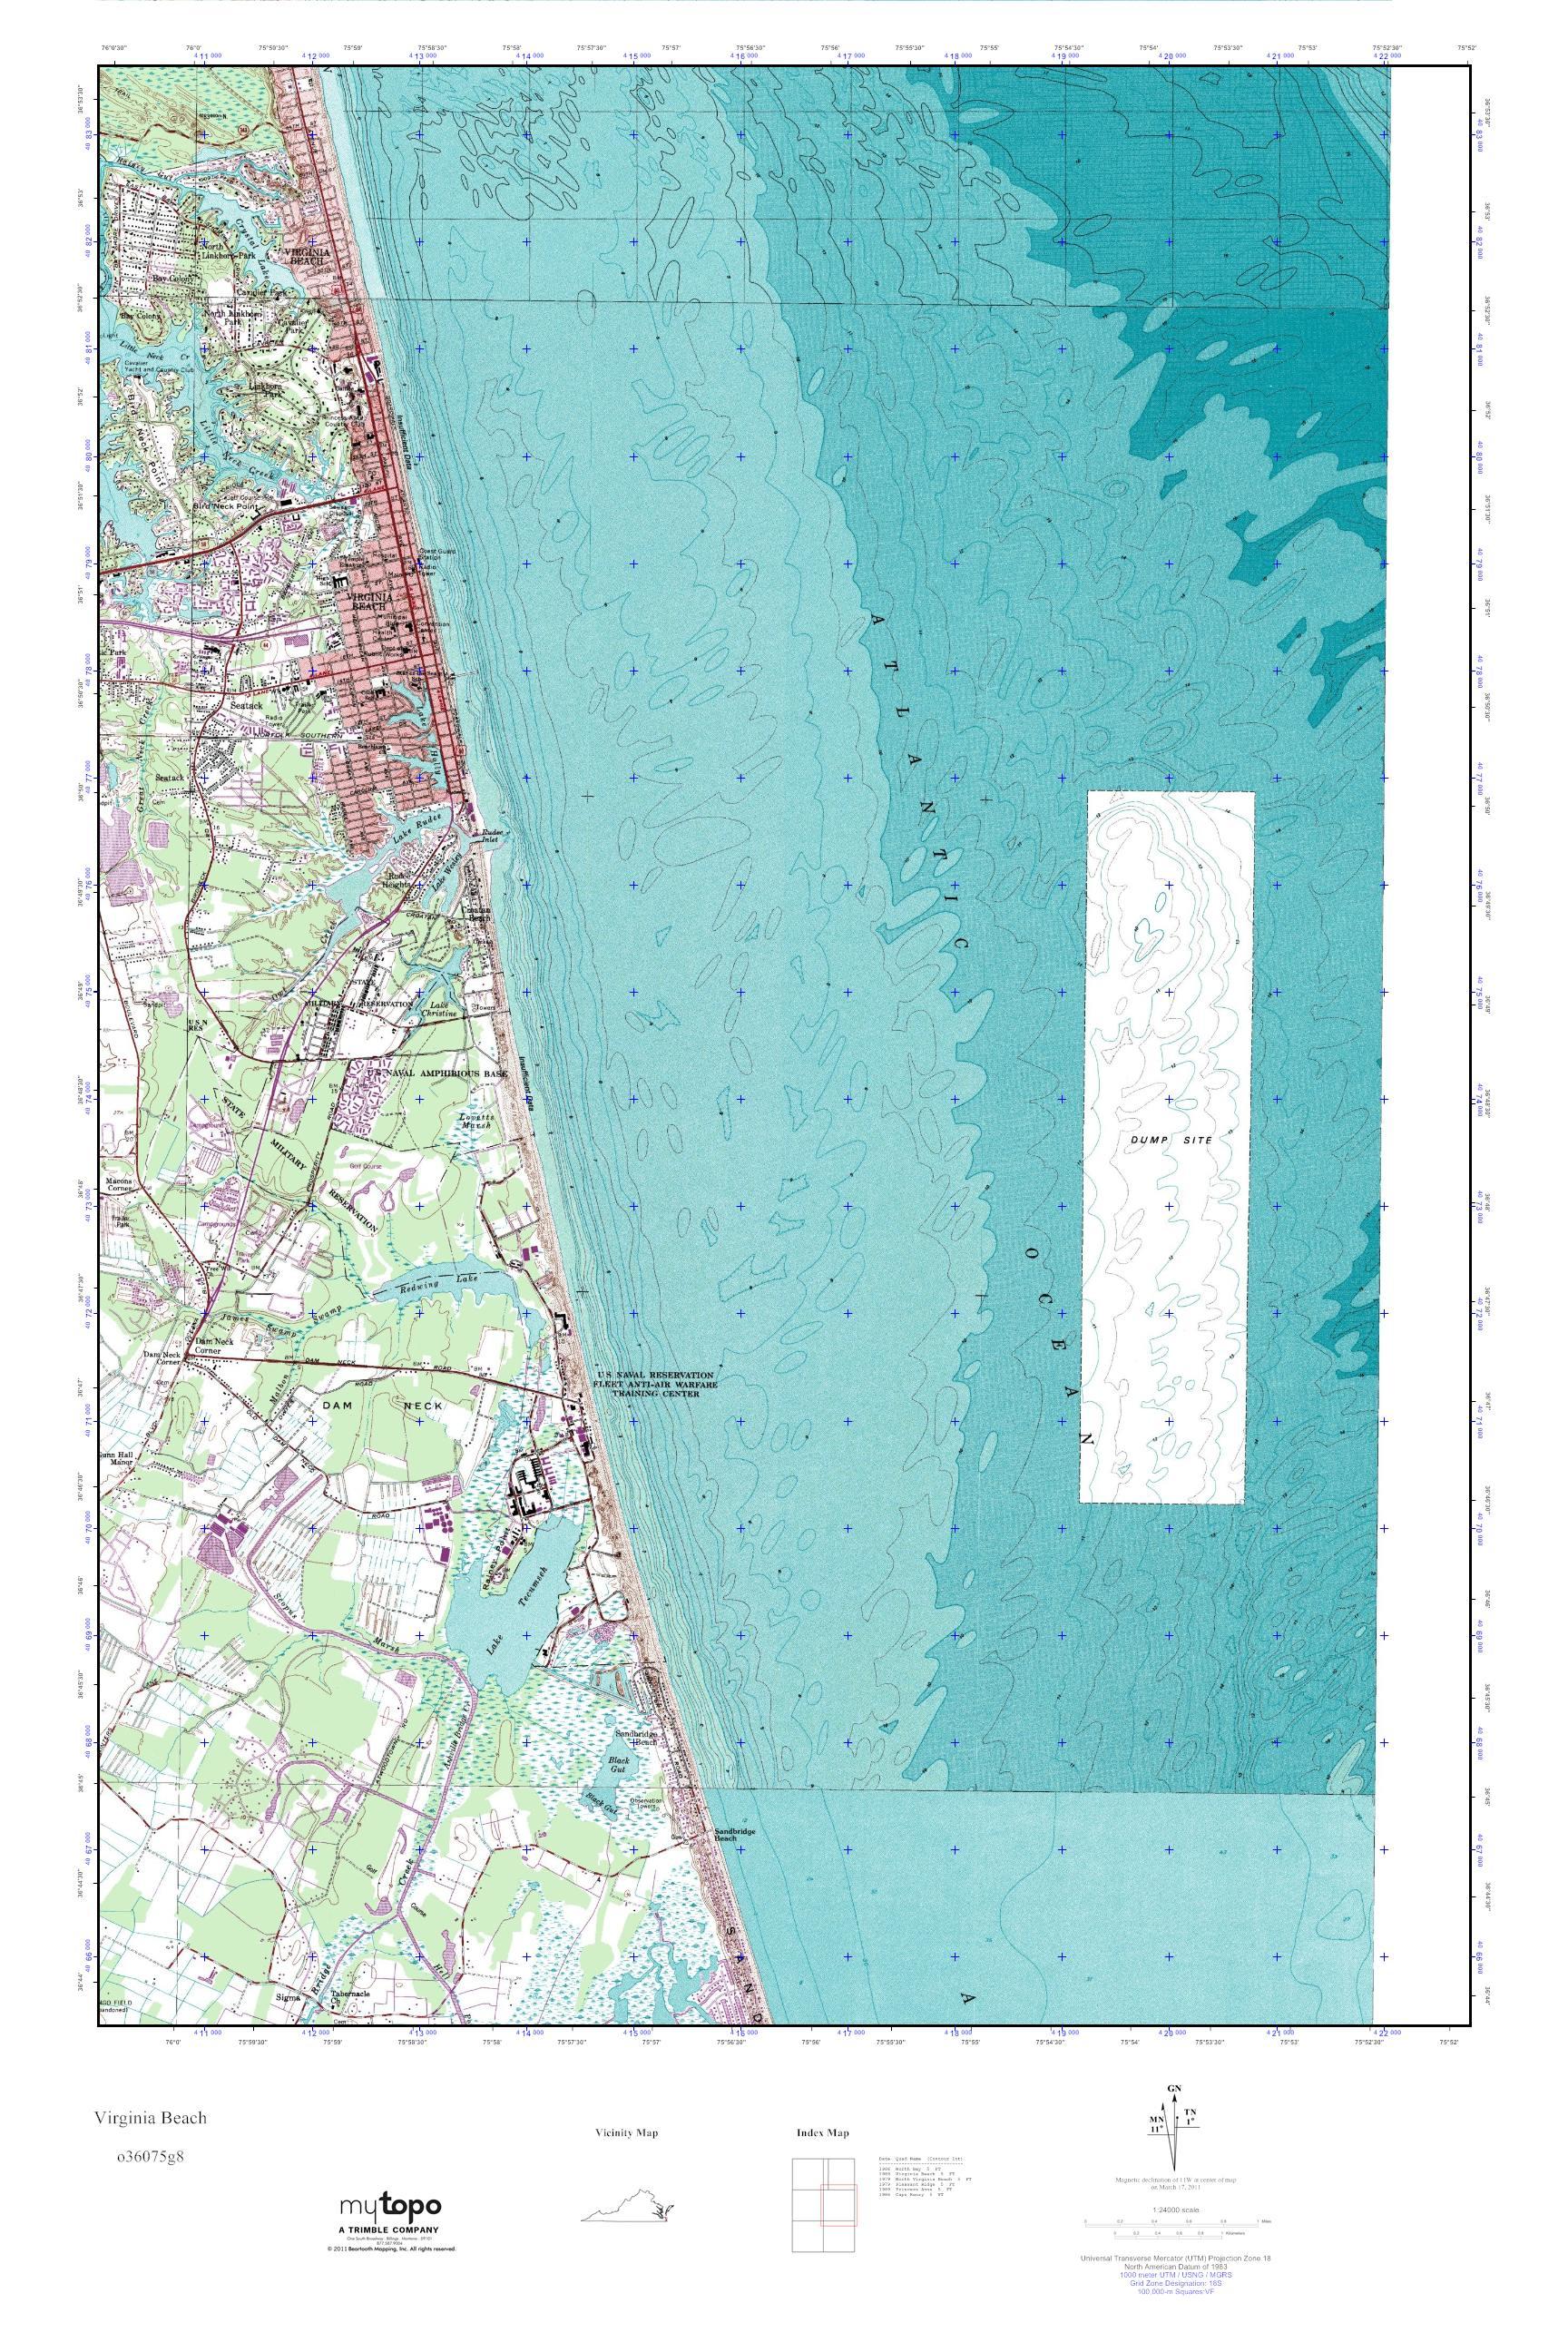 Mytopo Virginia Beach Virginia Usgs Quad Topo Map